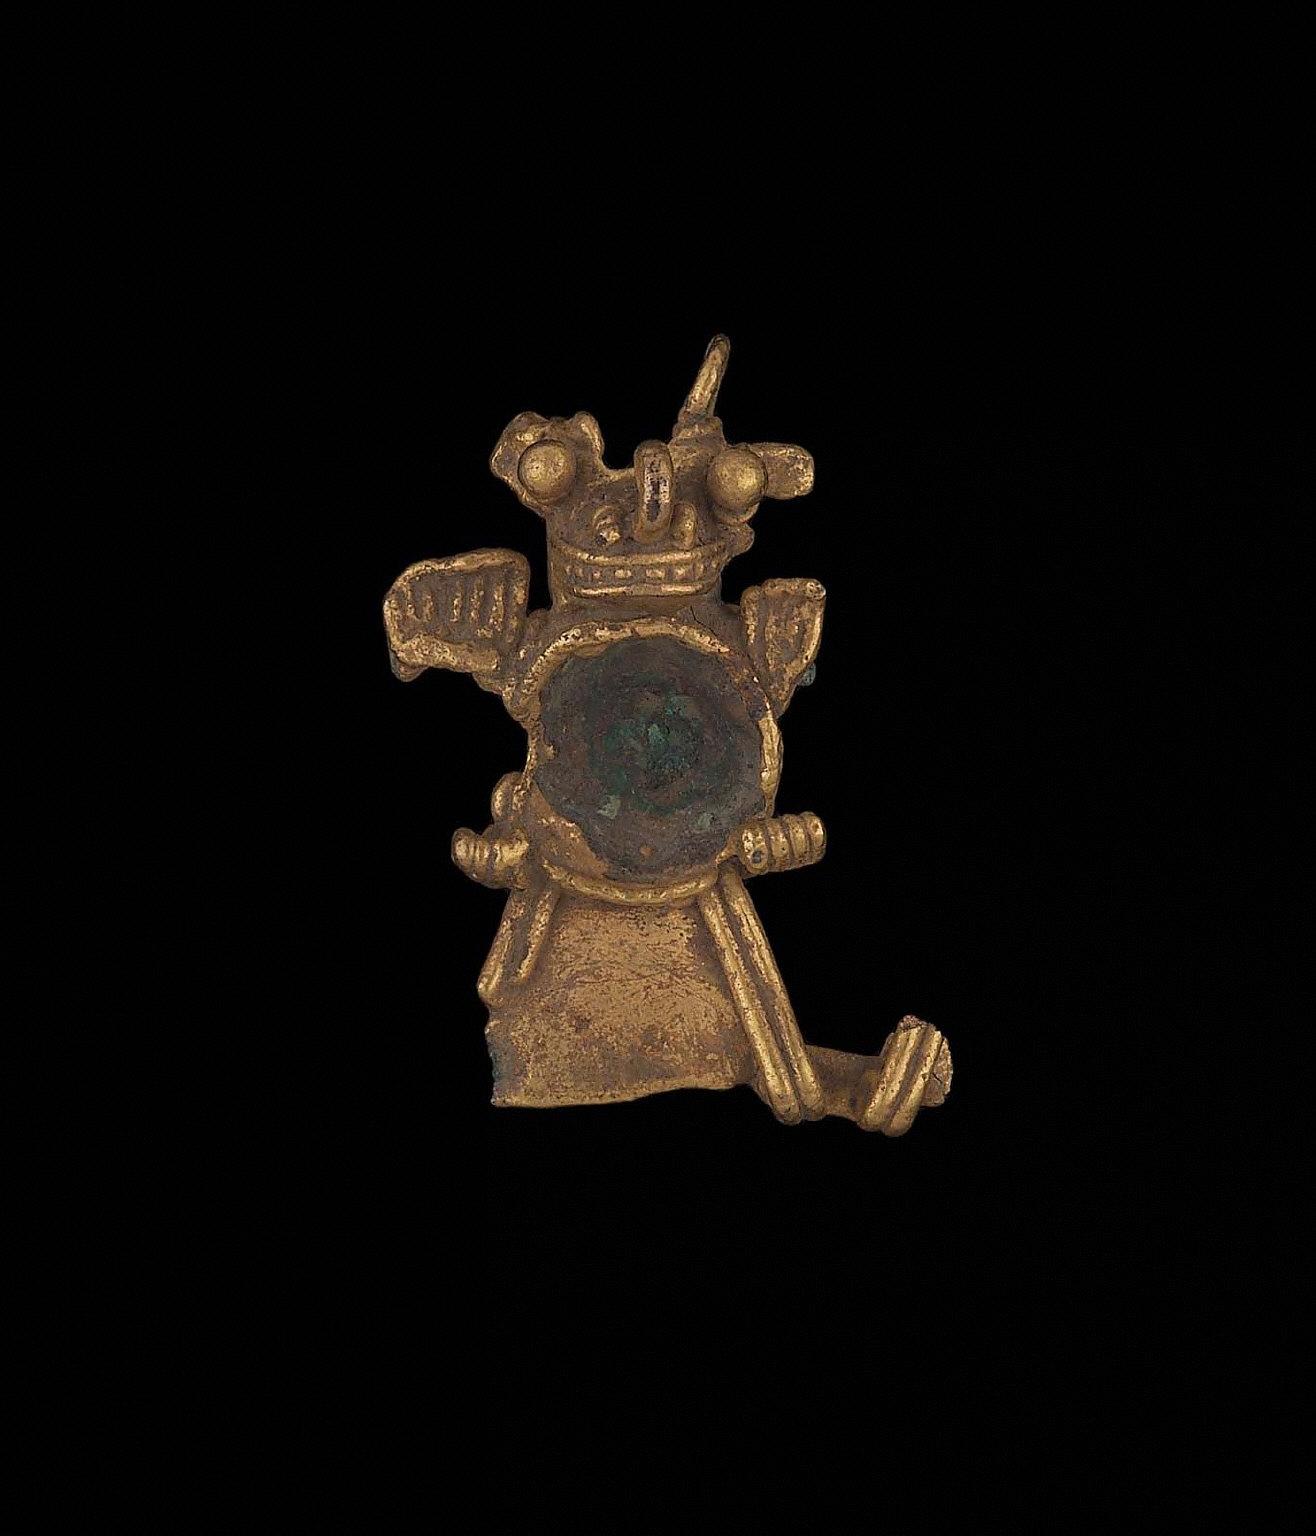 Zoomorphic effigy pendant